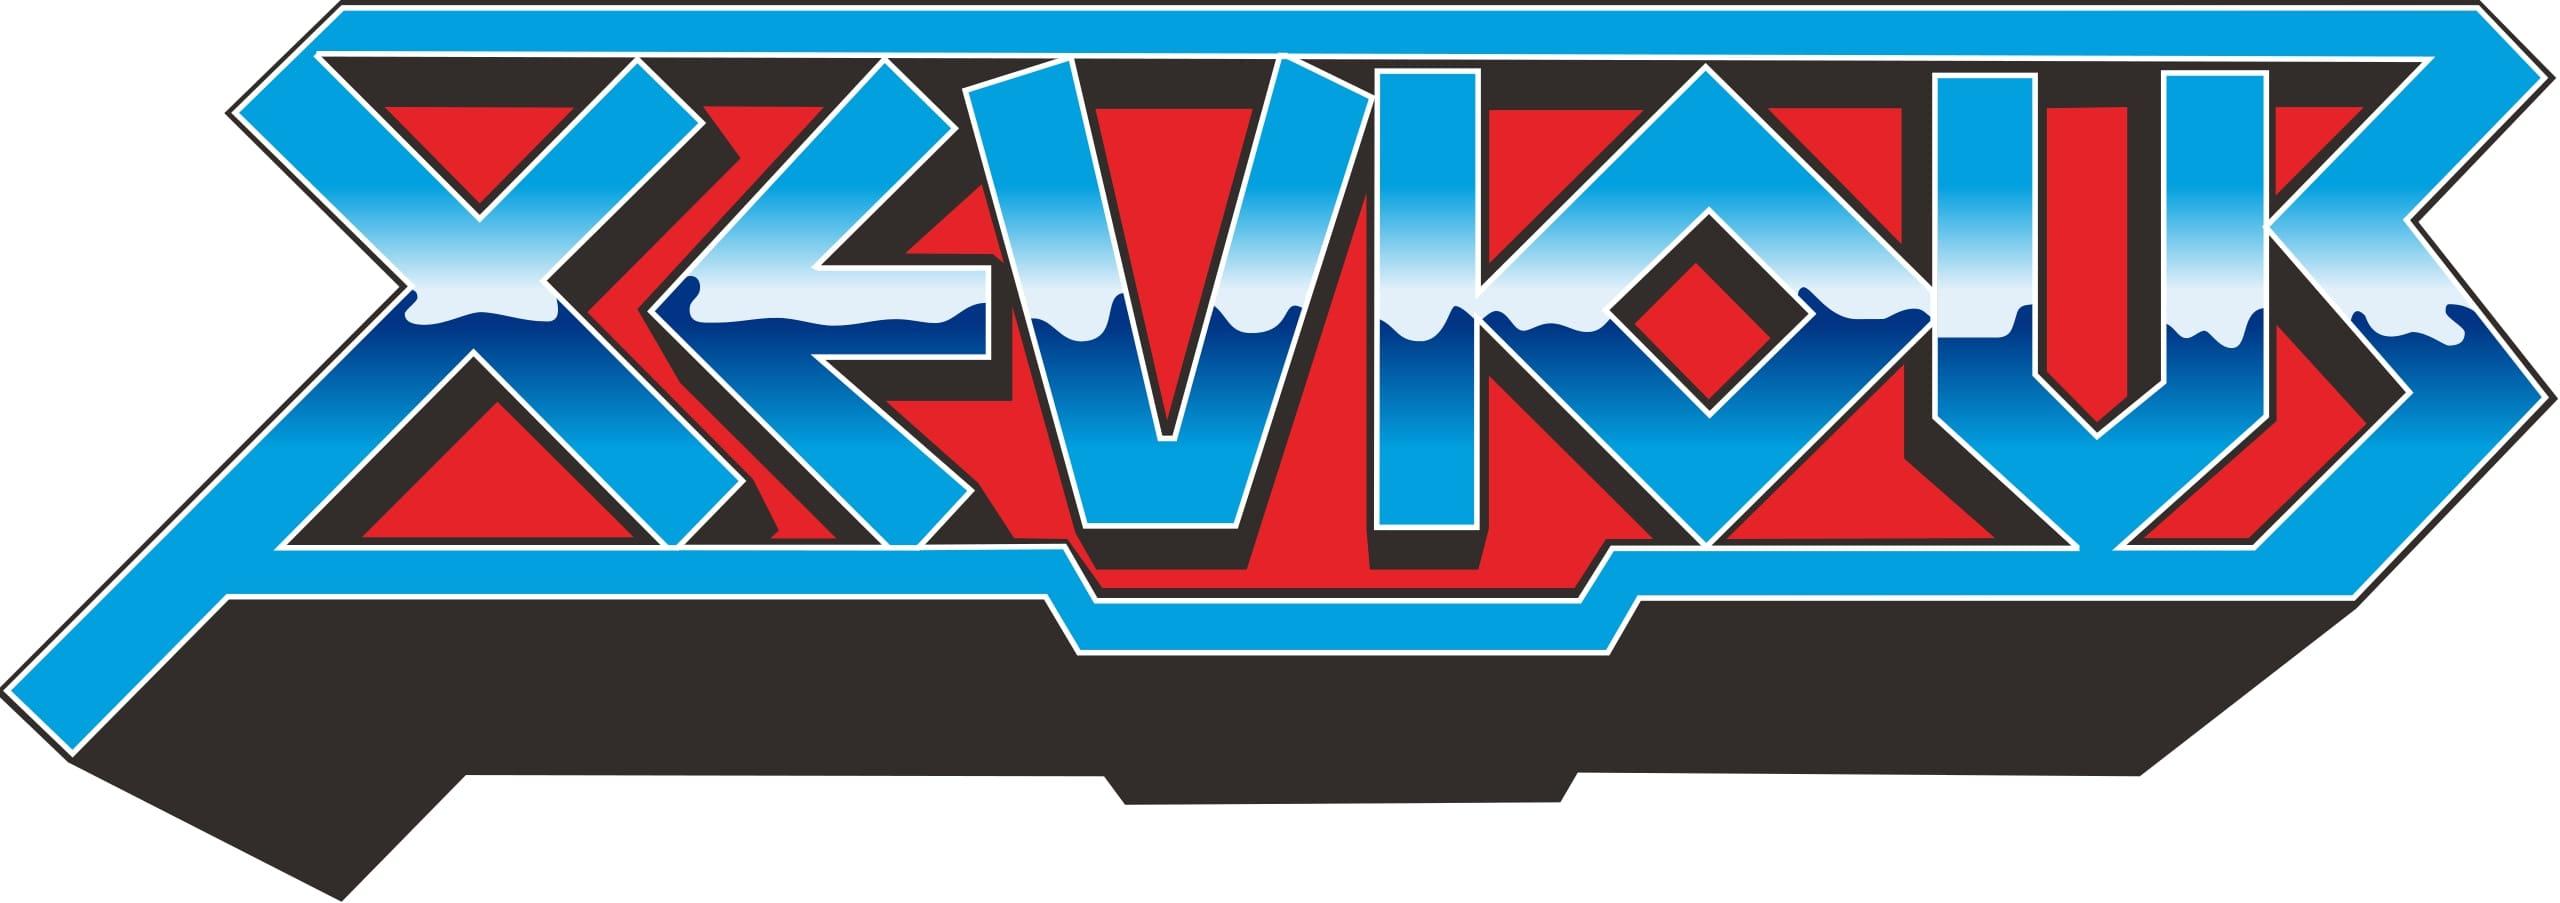 File:Xevious arcade logo.jpg